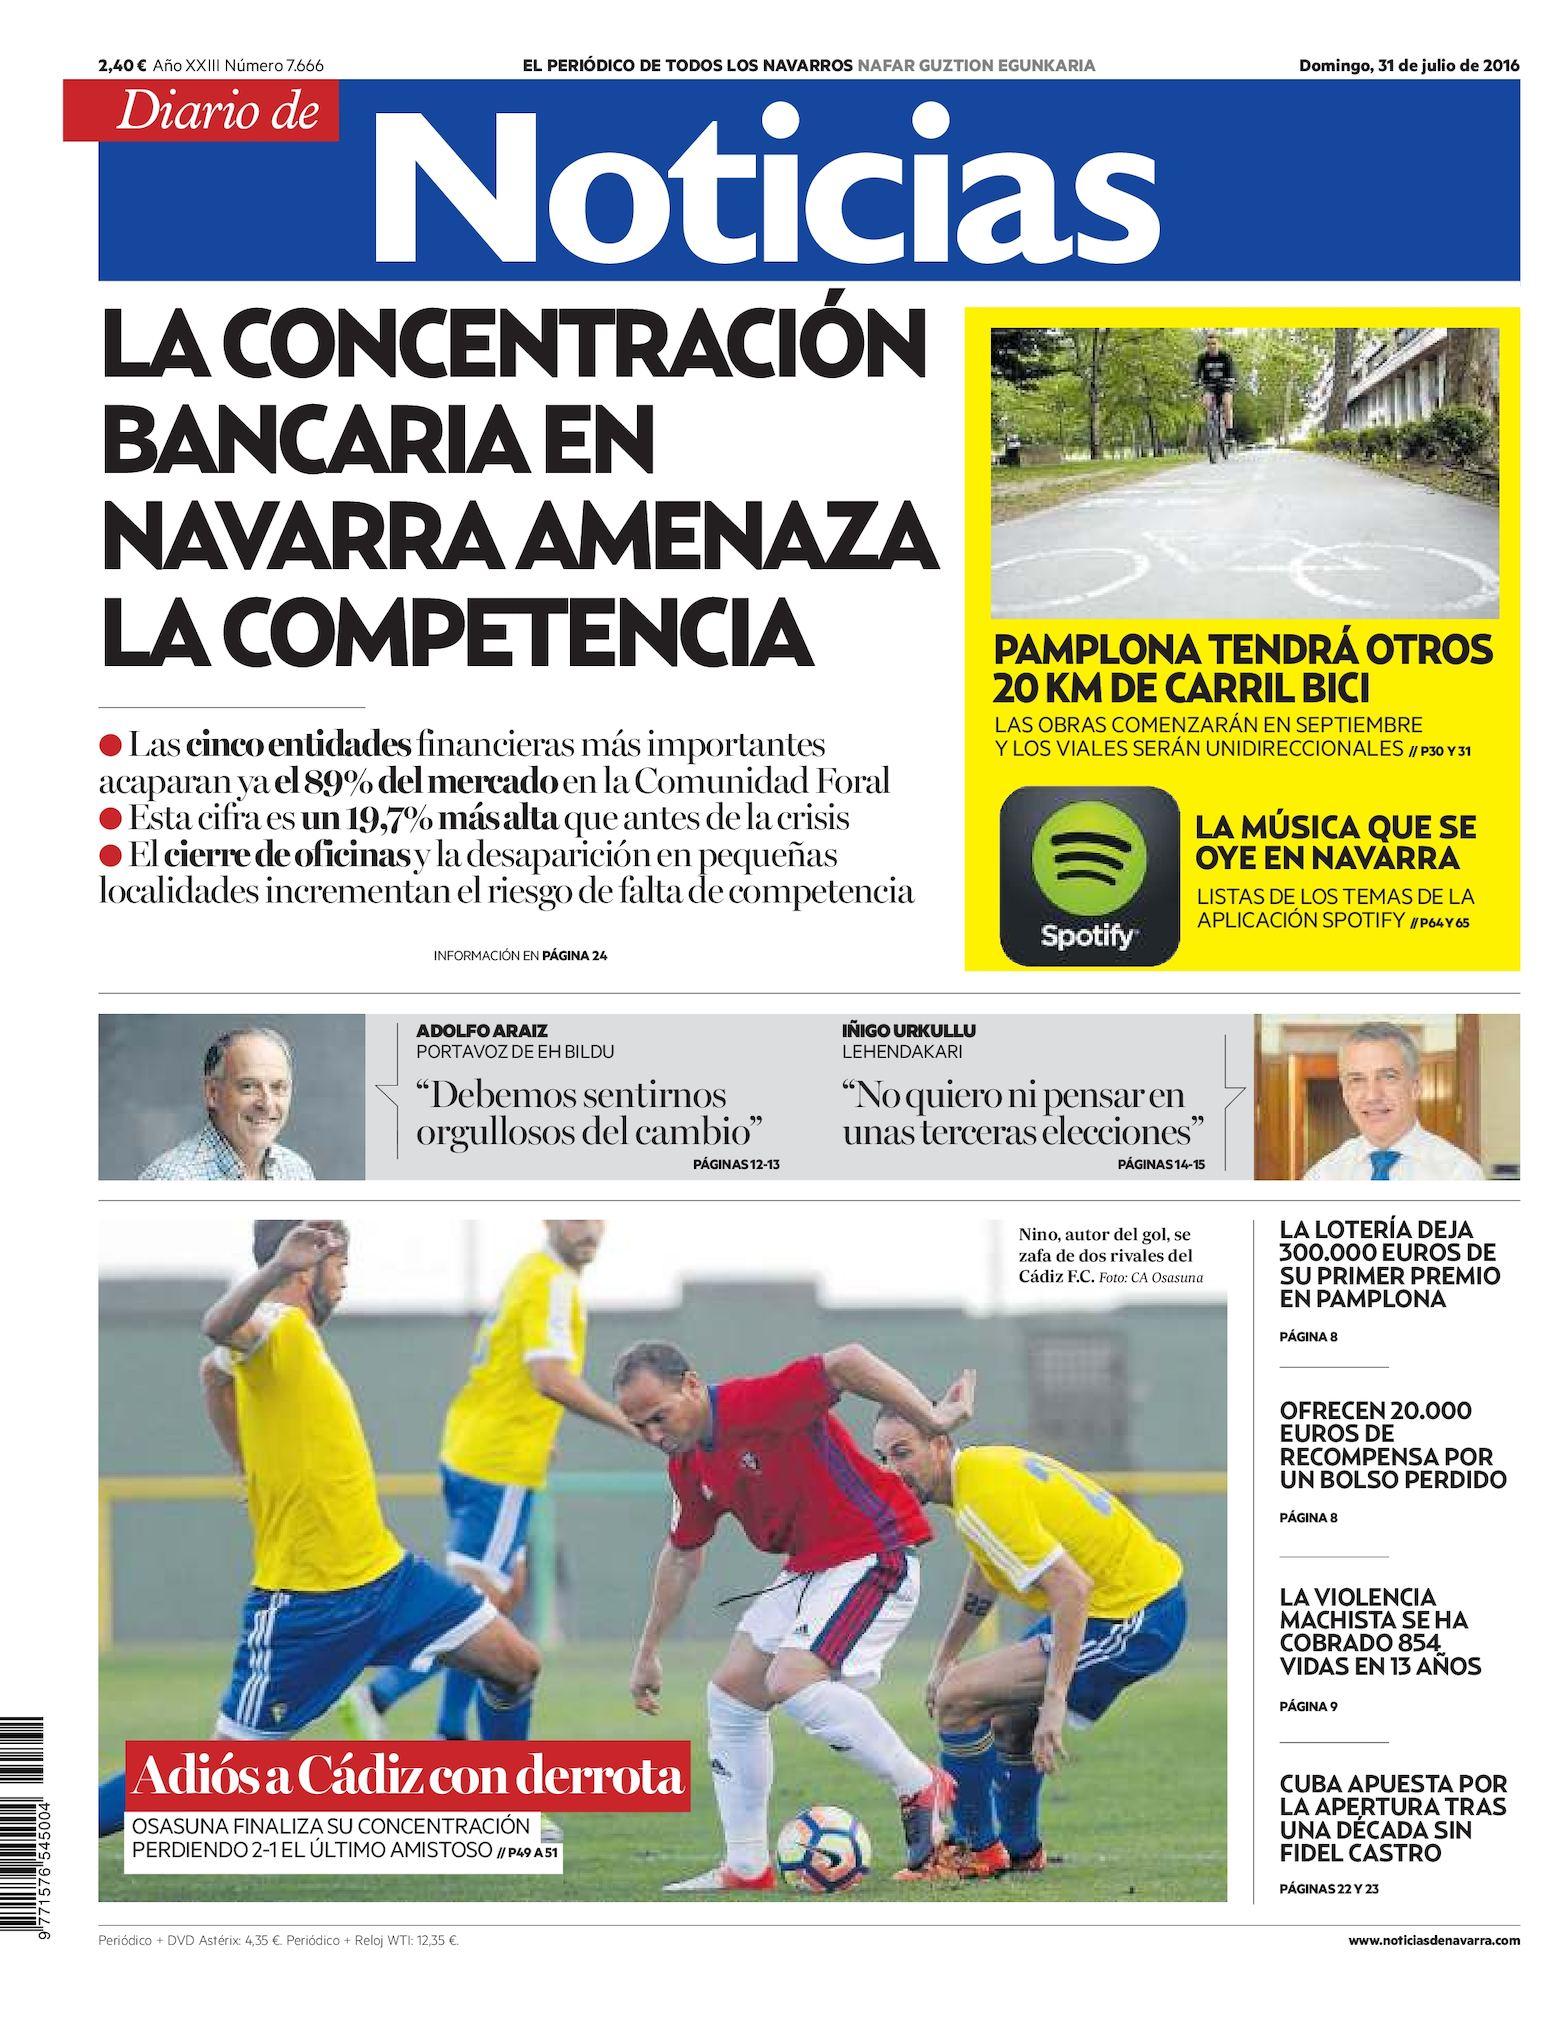 Calaméo - Diario de Noticias 20160731 1f2f73b68a249